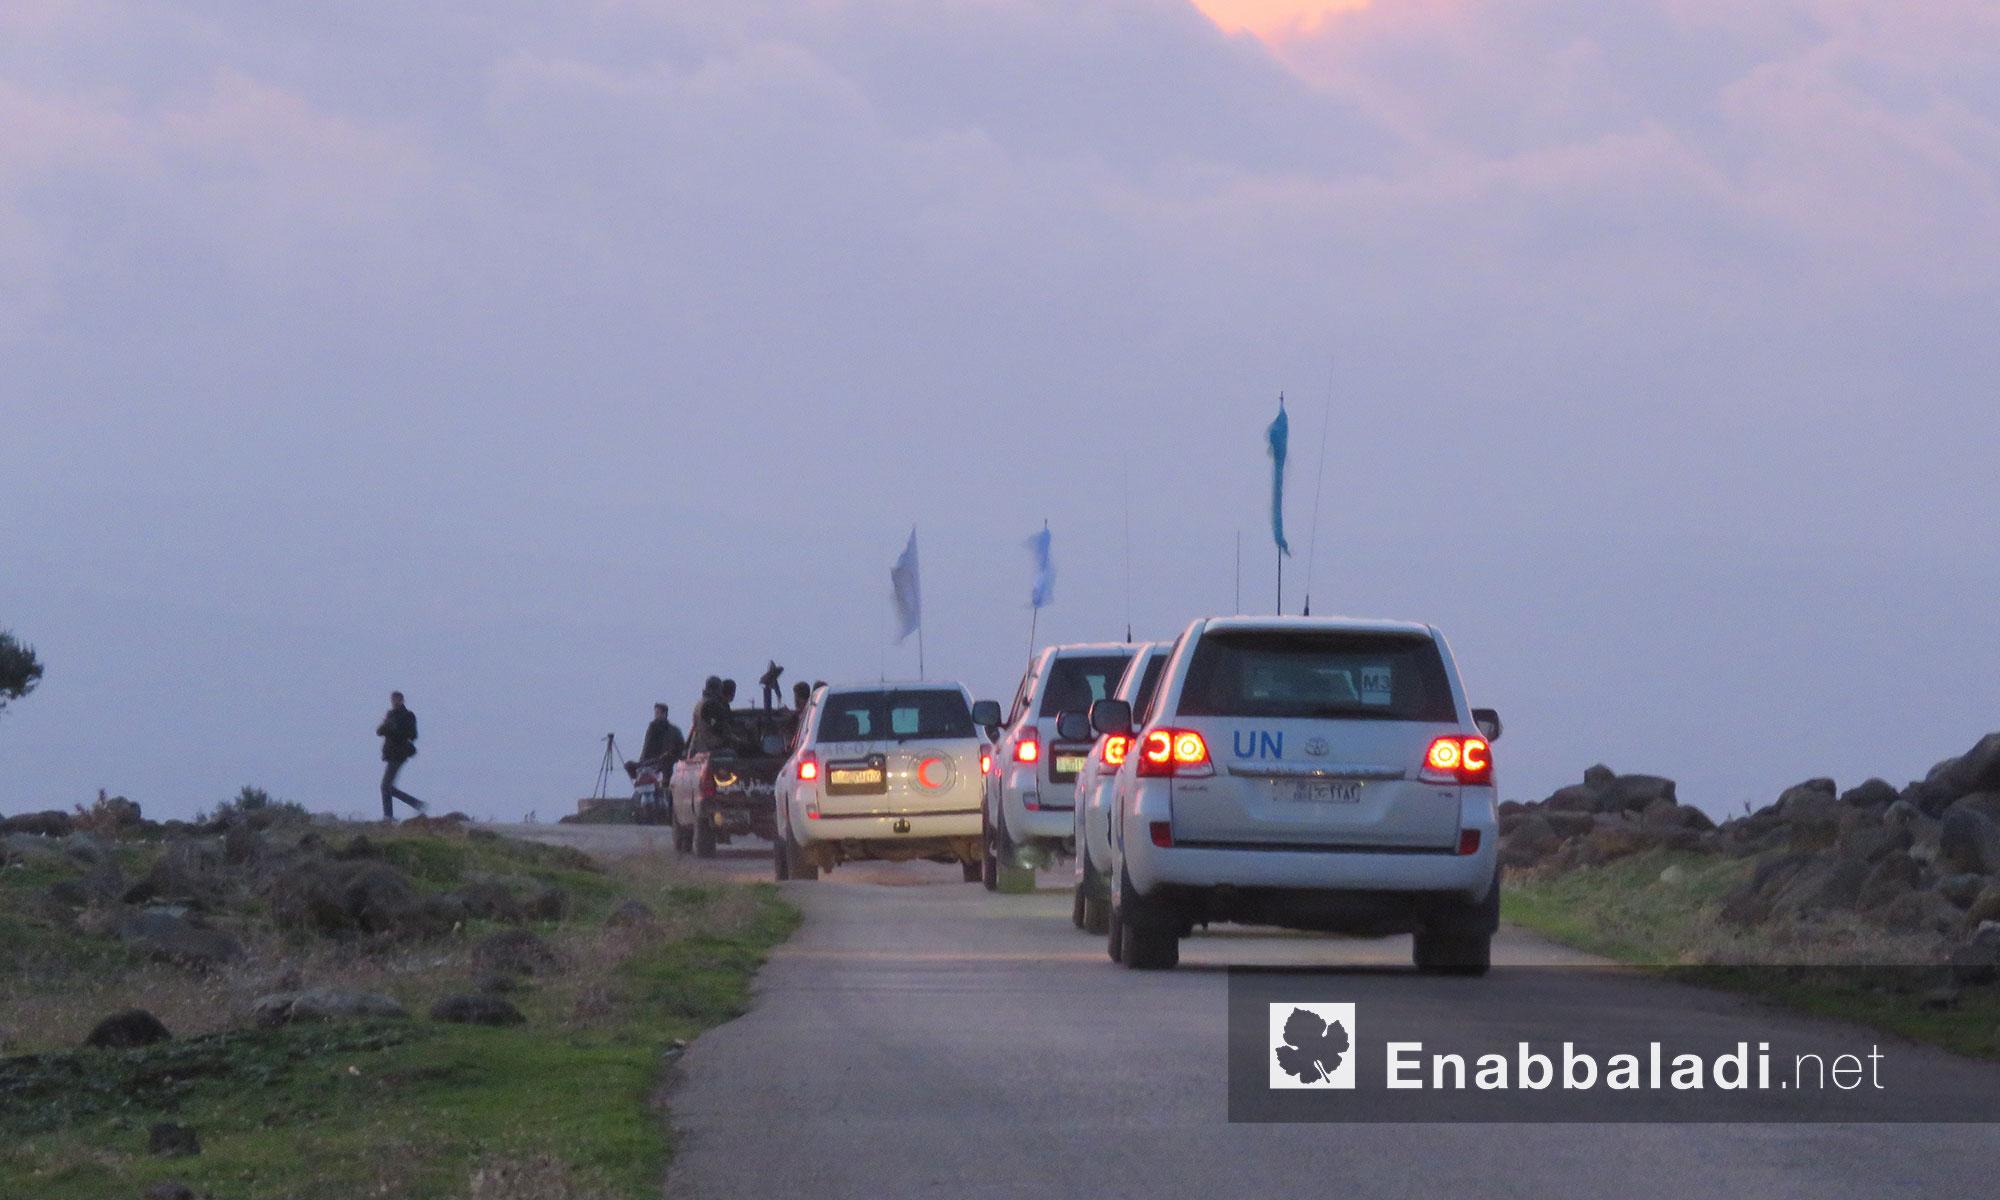 دخول قافلة مساعدات أممية إلى منطقة الحولة ومناطق ريف حماه الجنوبي - 14 كانون الأول 2017 (عنب بلدي)